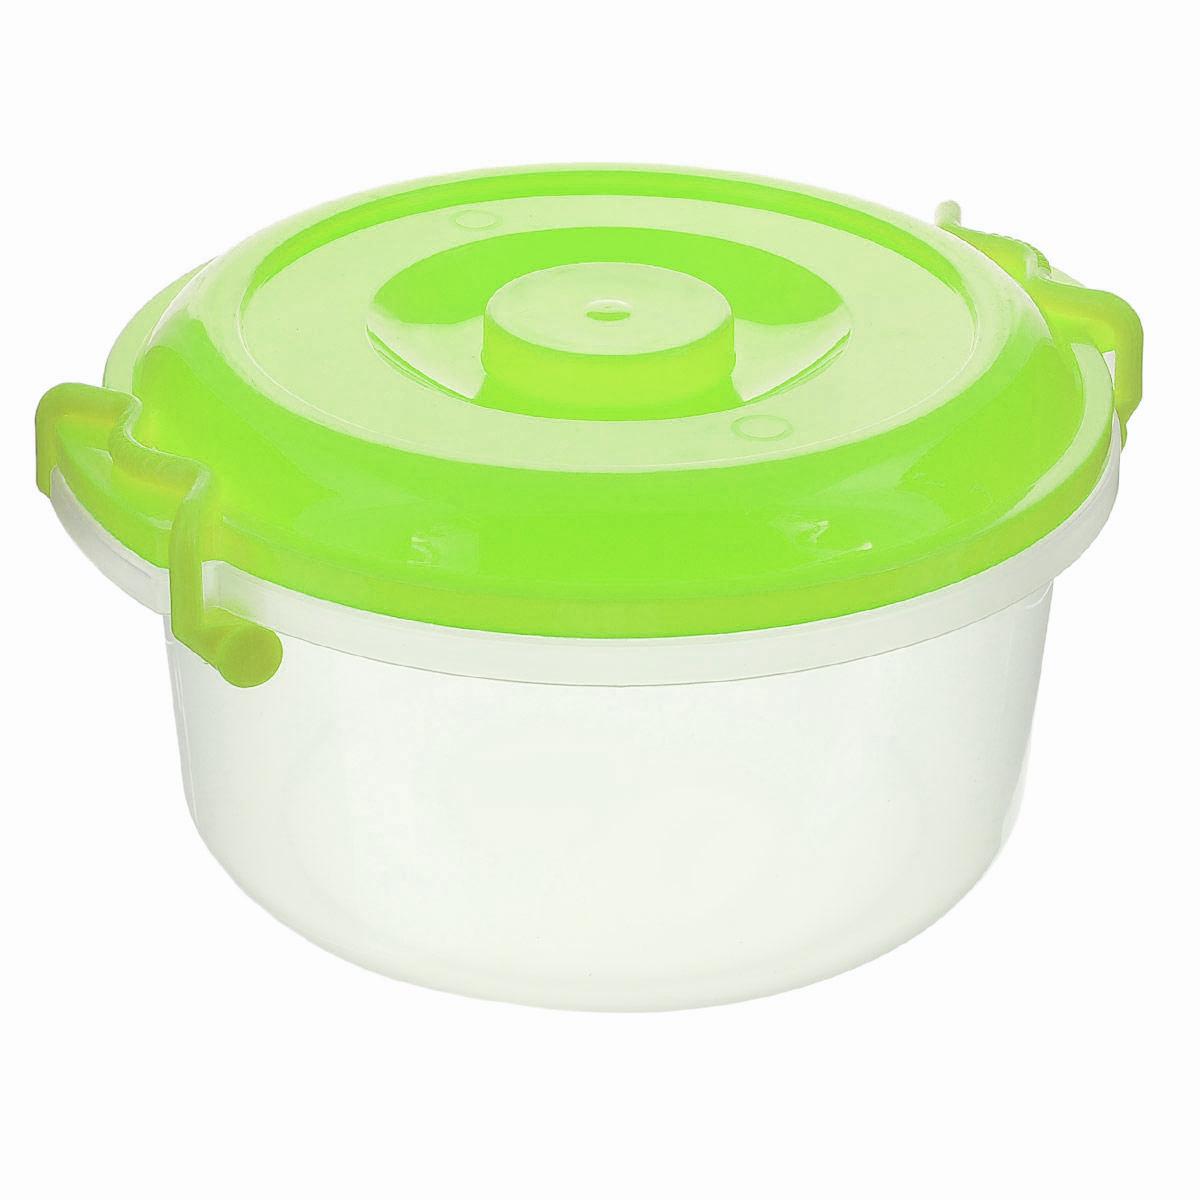 Контейнер Альтернатива, цвет в ассортименте, 5 л ящики для игрушек альтернатива башпласт контейнер лапландия 7 л